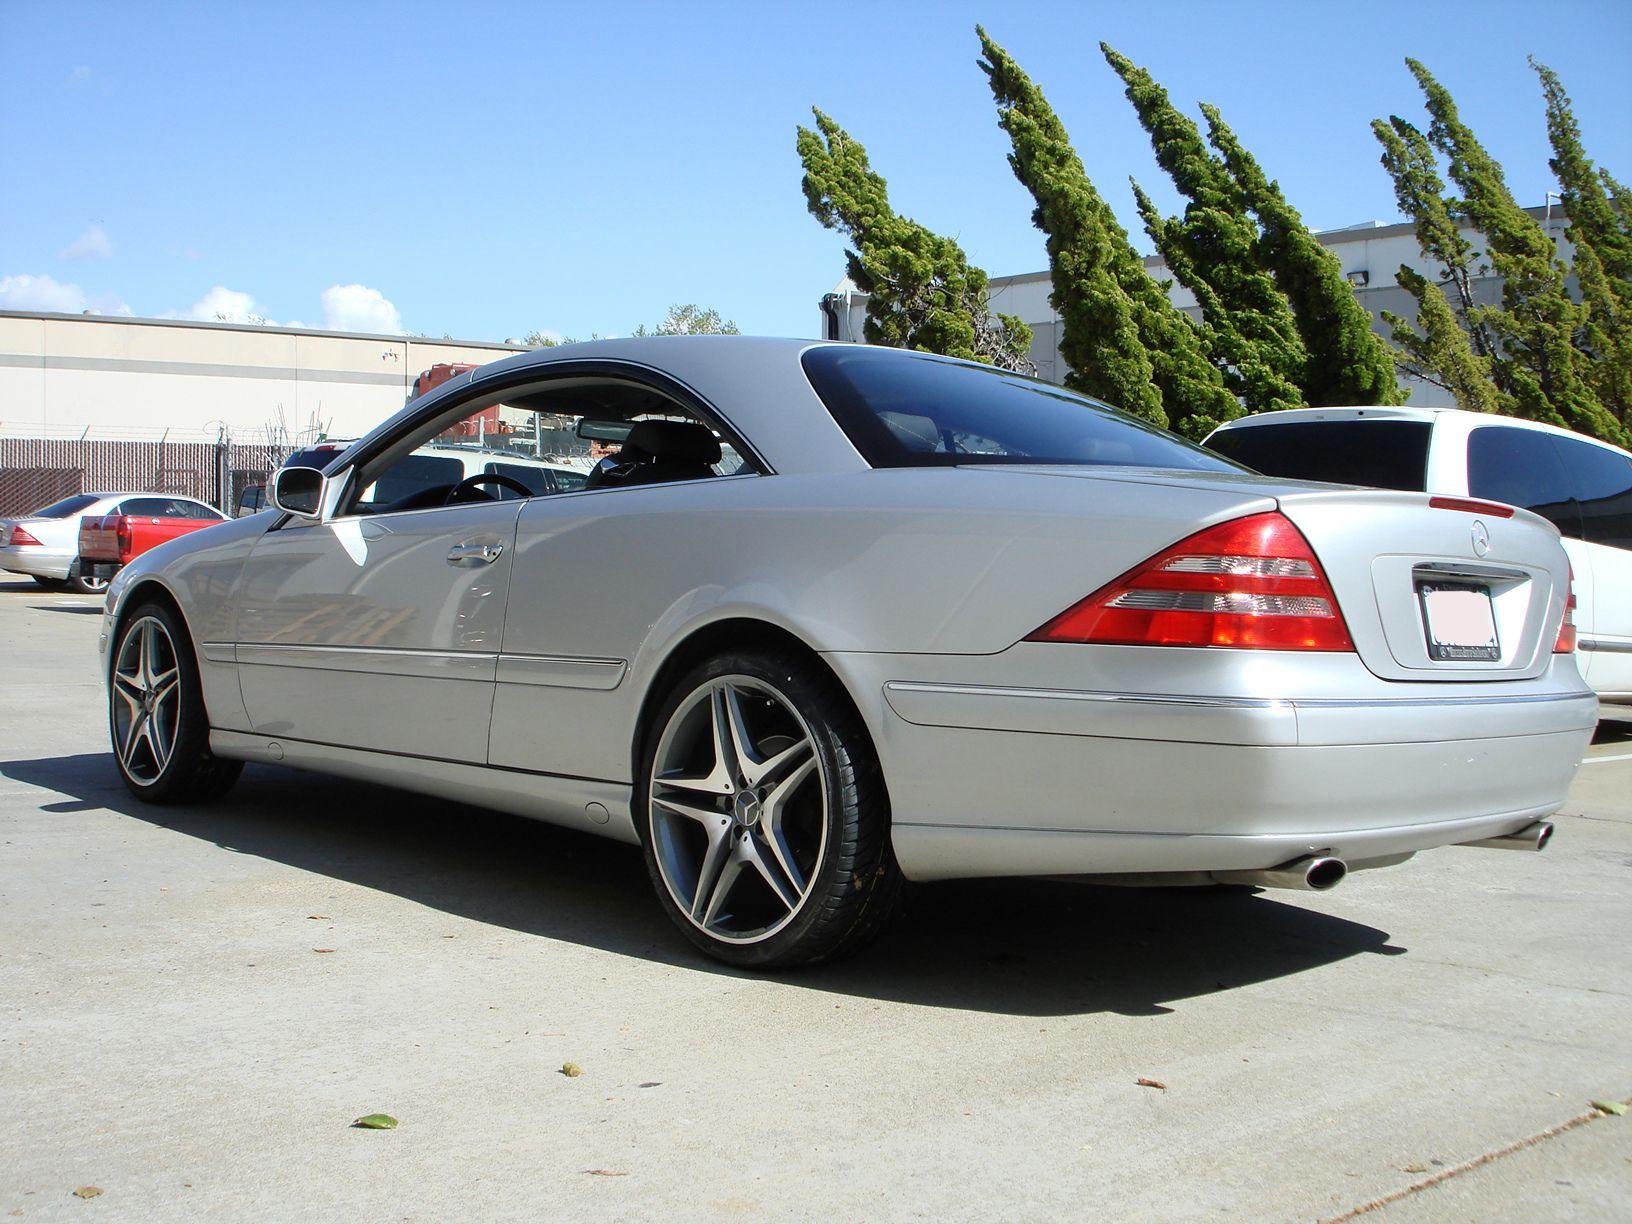 20 AMG CL65 Style Wheels Rims Fit Mercedes CL500 CL600 CL55 2001 2006